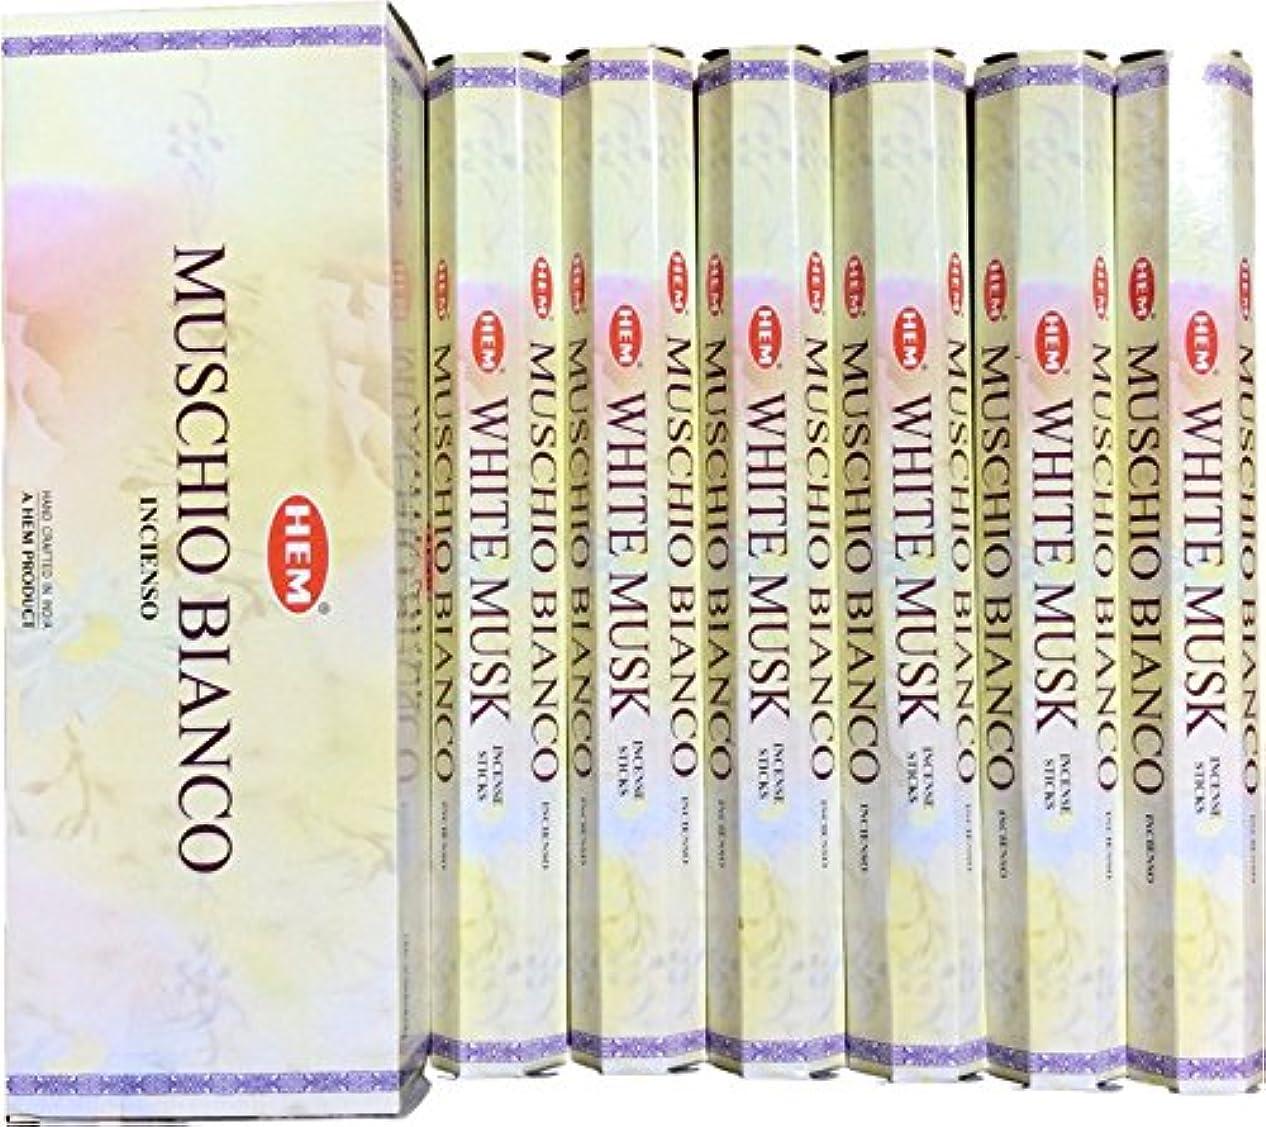 コック真鍮五月HEM ヘム ホワイトムスク WHITEMUSK ステック お香 6本 セット